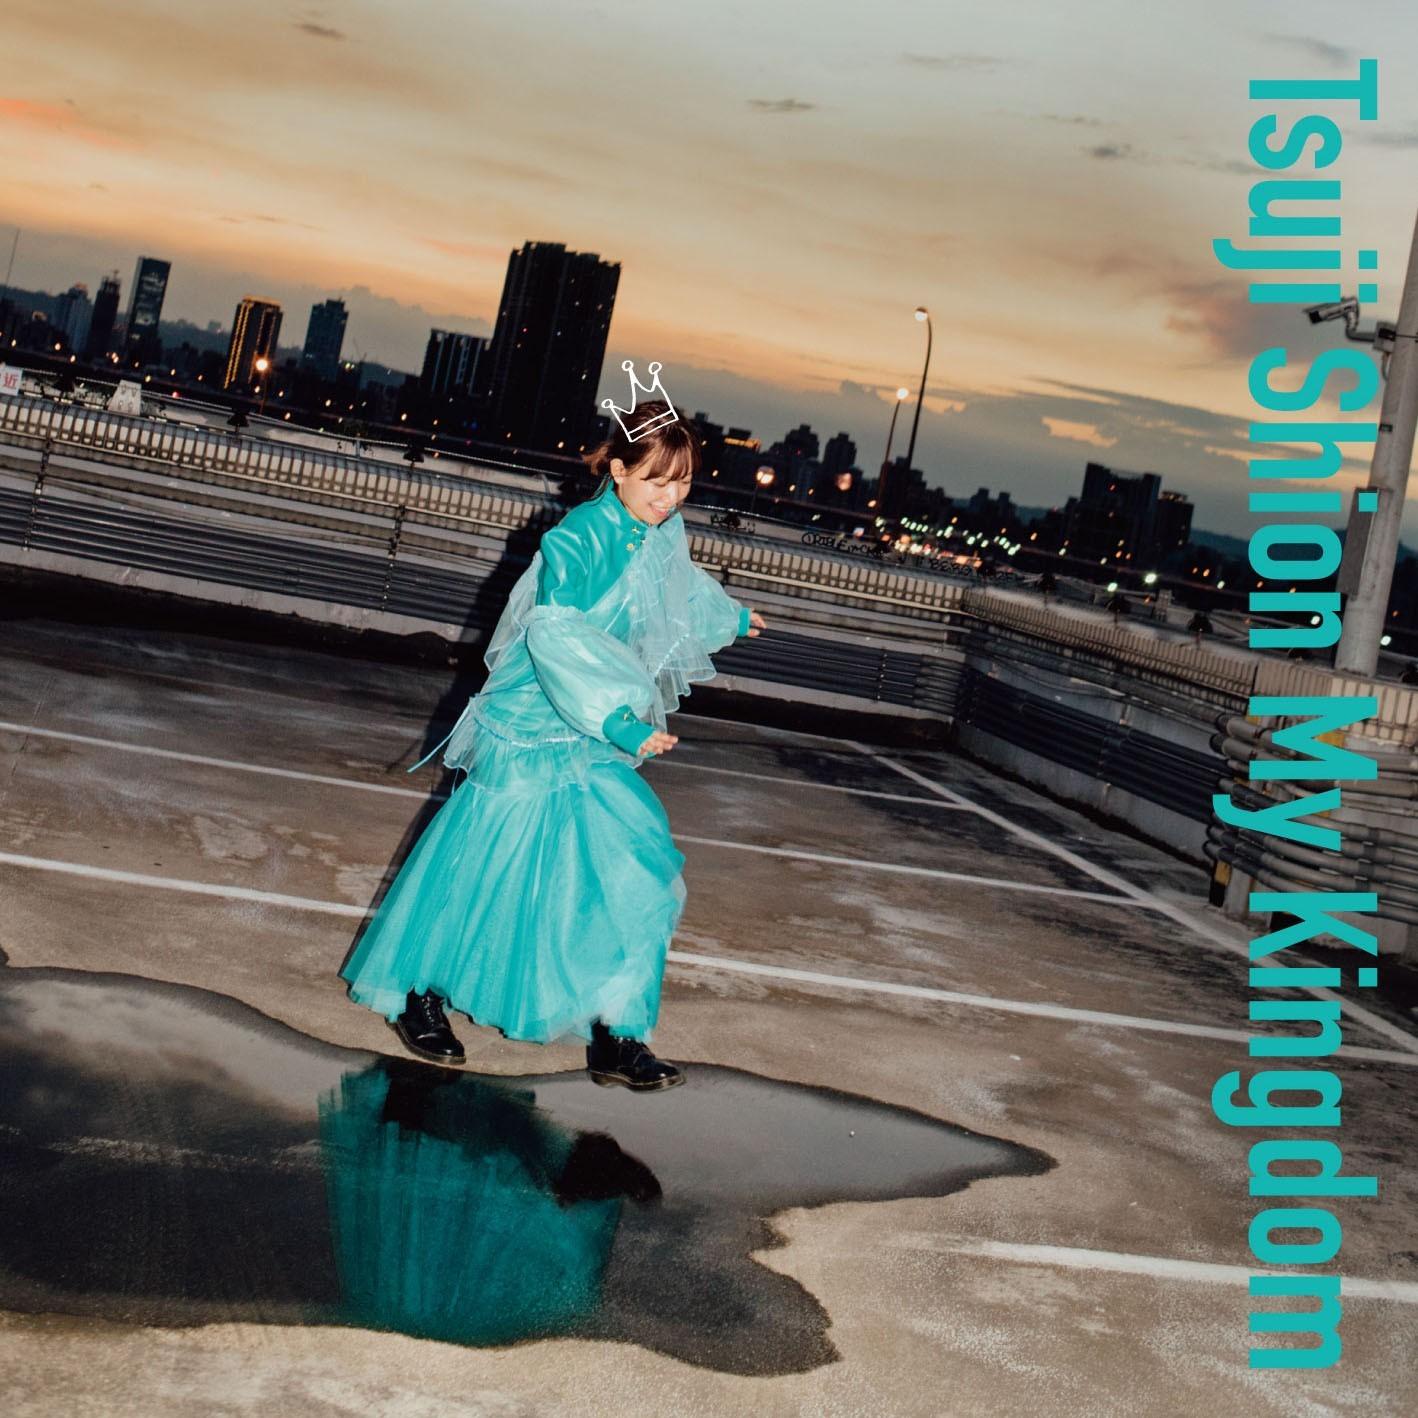 辻詩音 (Shion Tsuji) – わたしの王国 [FLAC + MP3 320 / CD] [2018.10.24]